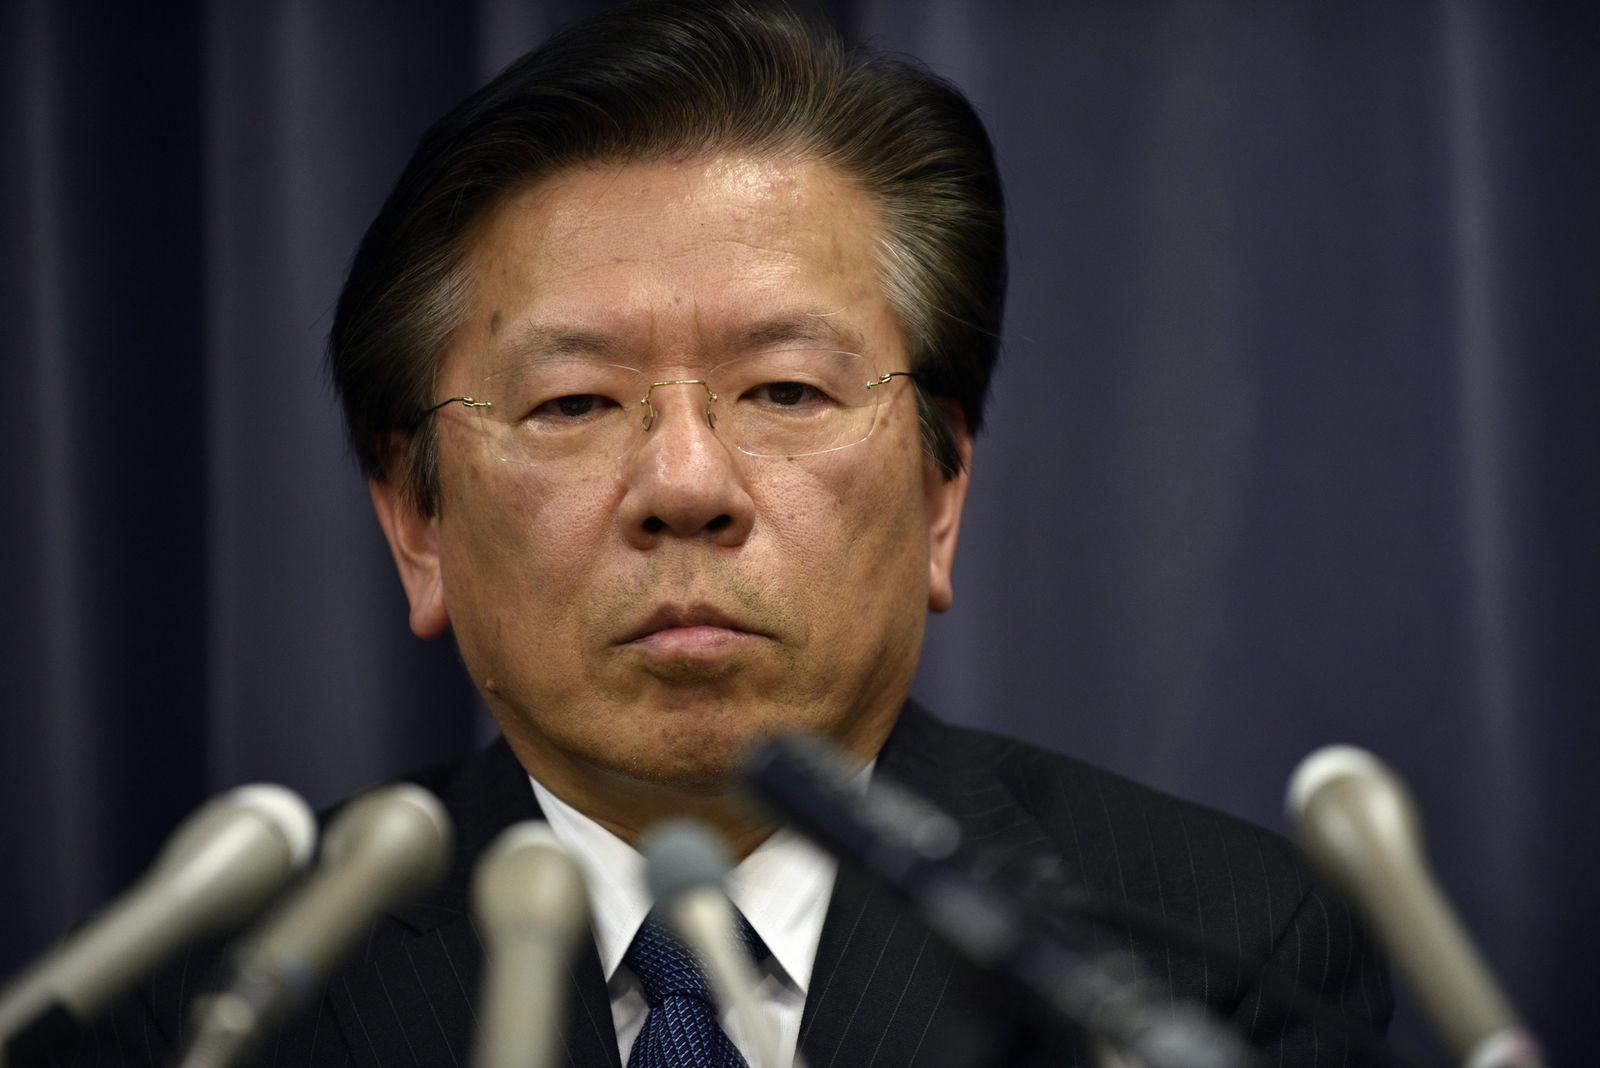 Mitsubishi Motors Corp. improper fuel efficiency tests